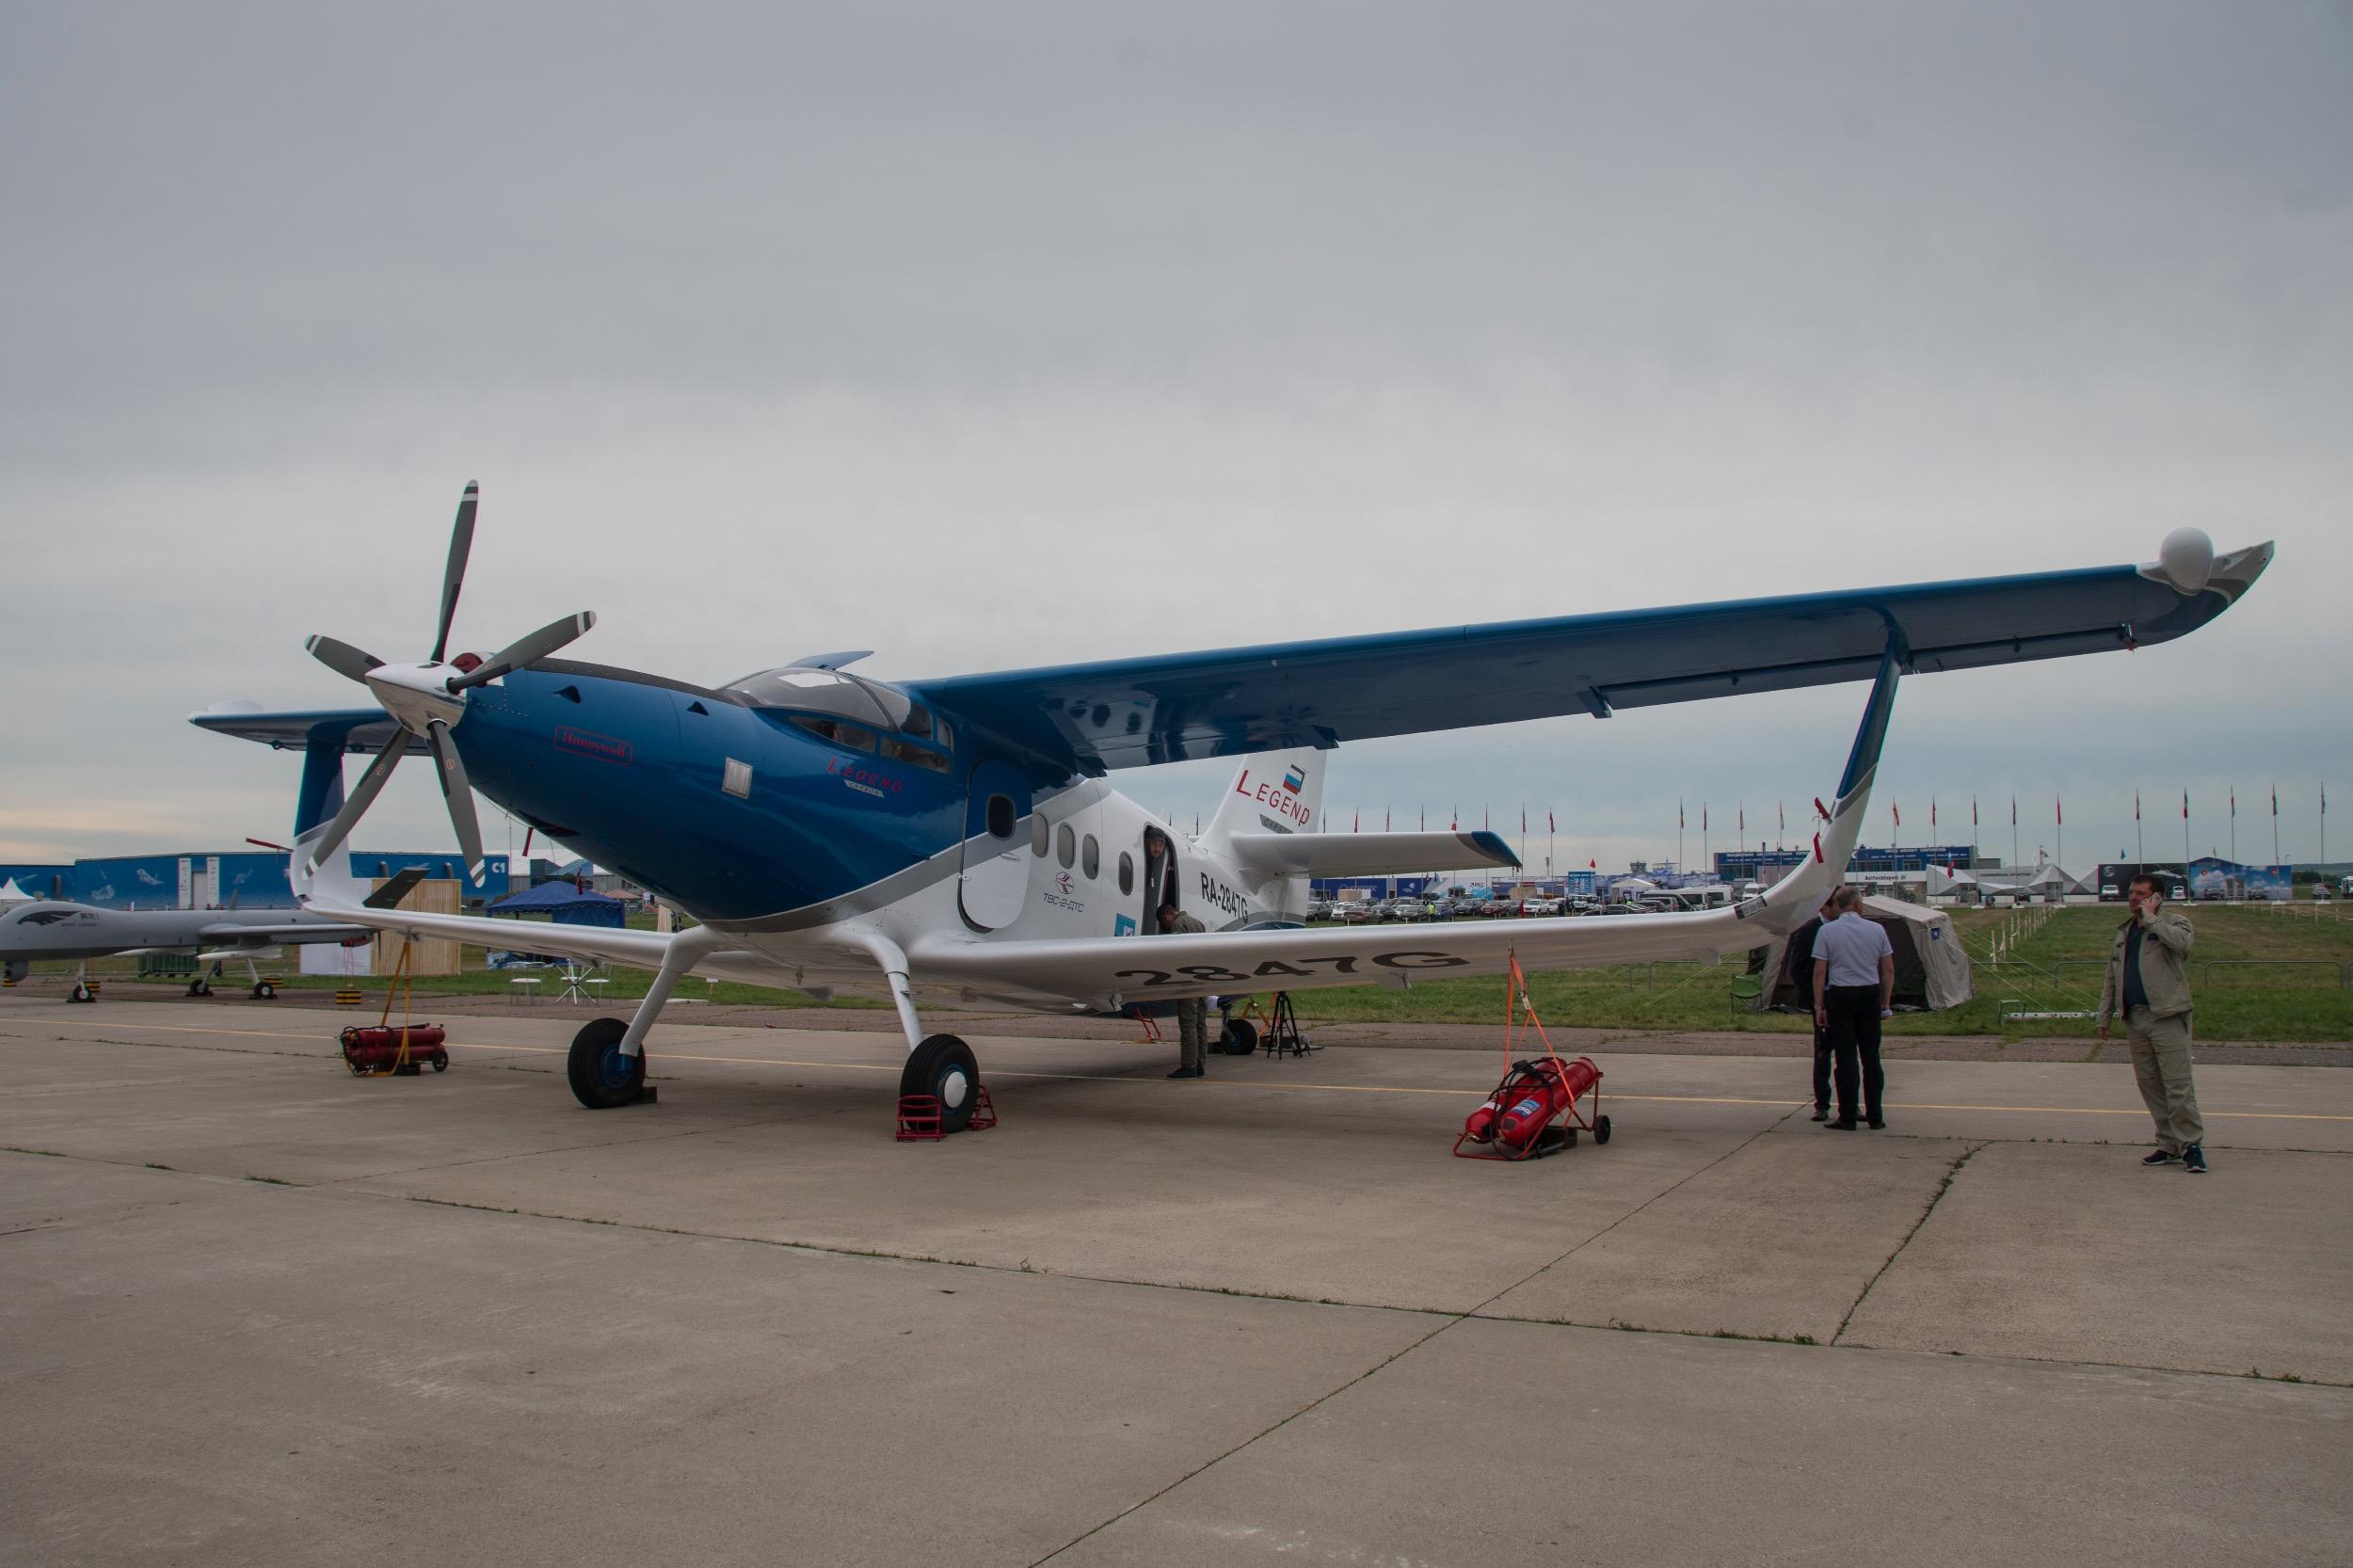 SibNIA (Institut de Recherche Aéronautique de Sibérie) TVS-2-DT, sur une base d'Antonov An-2 MC équipé de nouvelles ailes composites (sans entretoises ni cables), d'une nouvelle dérive en composite aussi, et d'un turbopropulseur Honeywell TPE331-12UHR de 820 kW (1 100 ch).